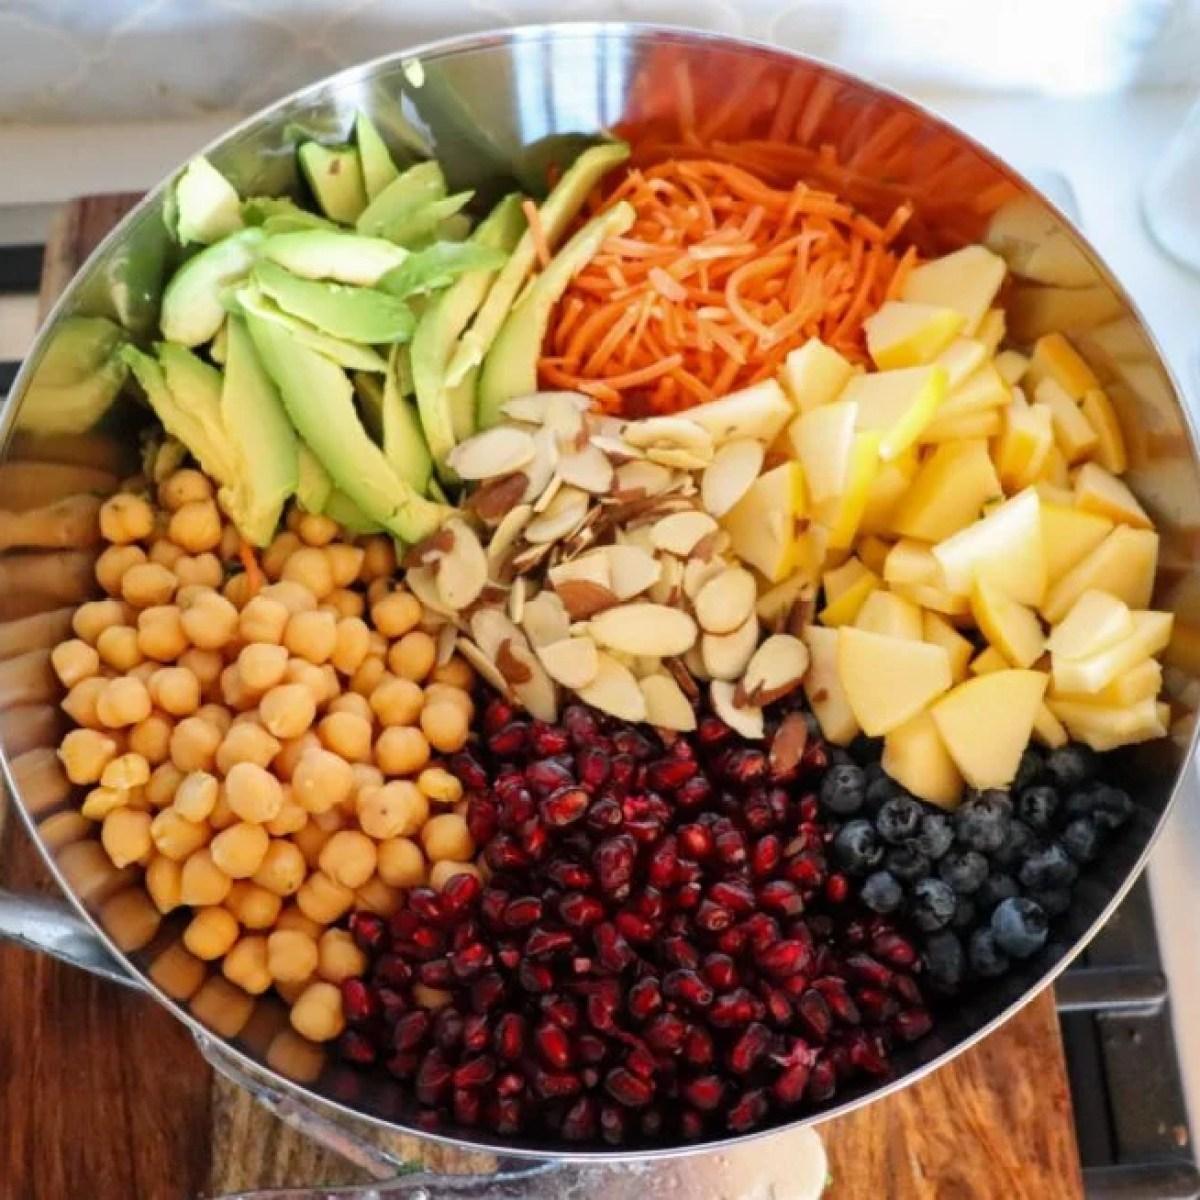 Ultimate Antioxidant Detox Salad - Finished